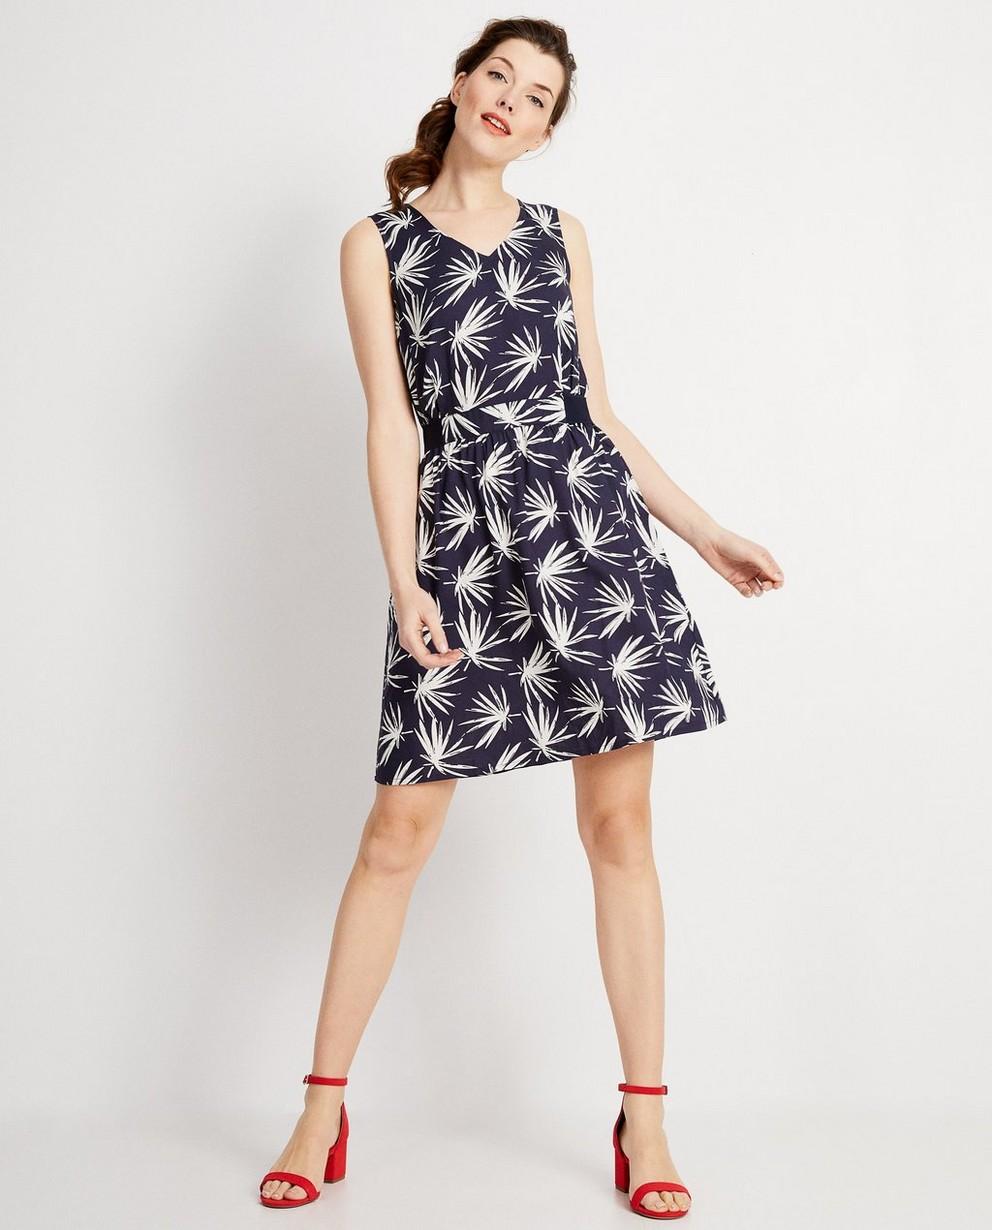 Donkerblauwe jurk met print - allover witte print - JBC